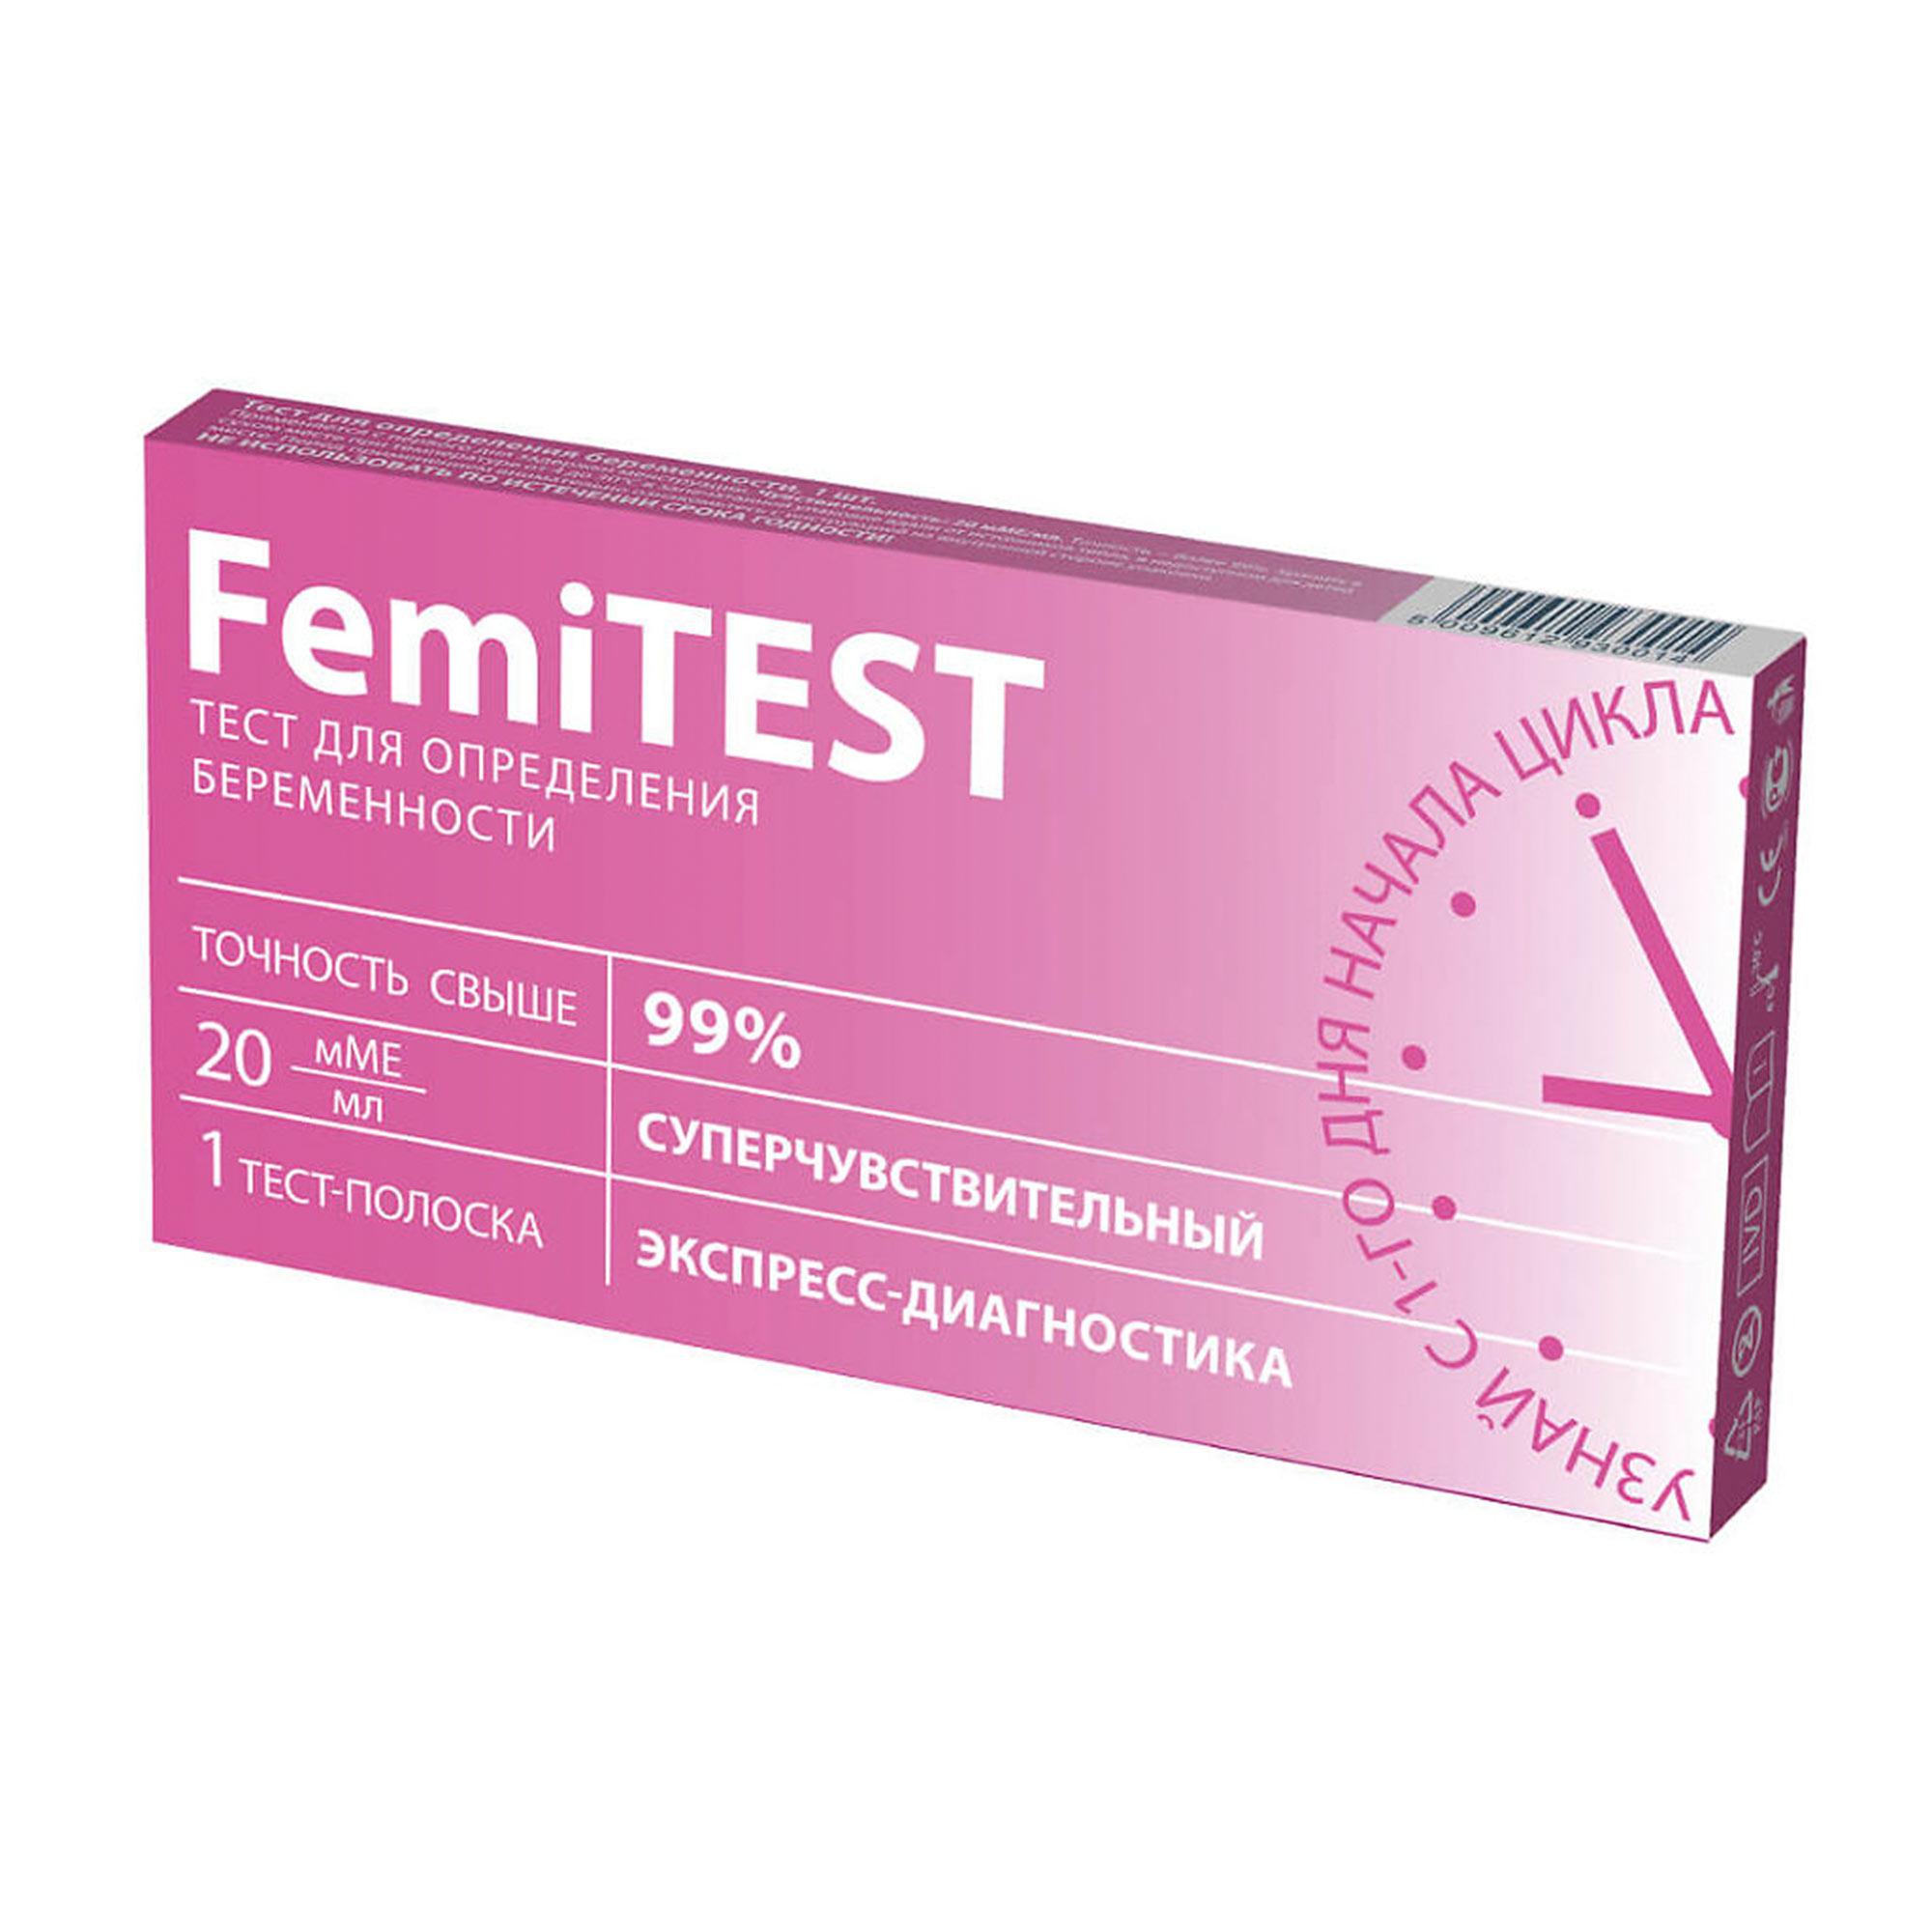 Тест для определения беременности Femitest express 1 шт